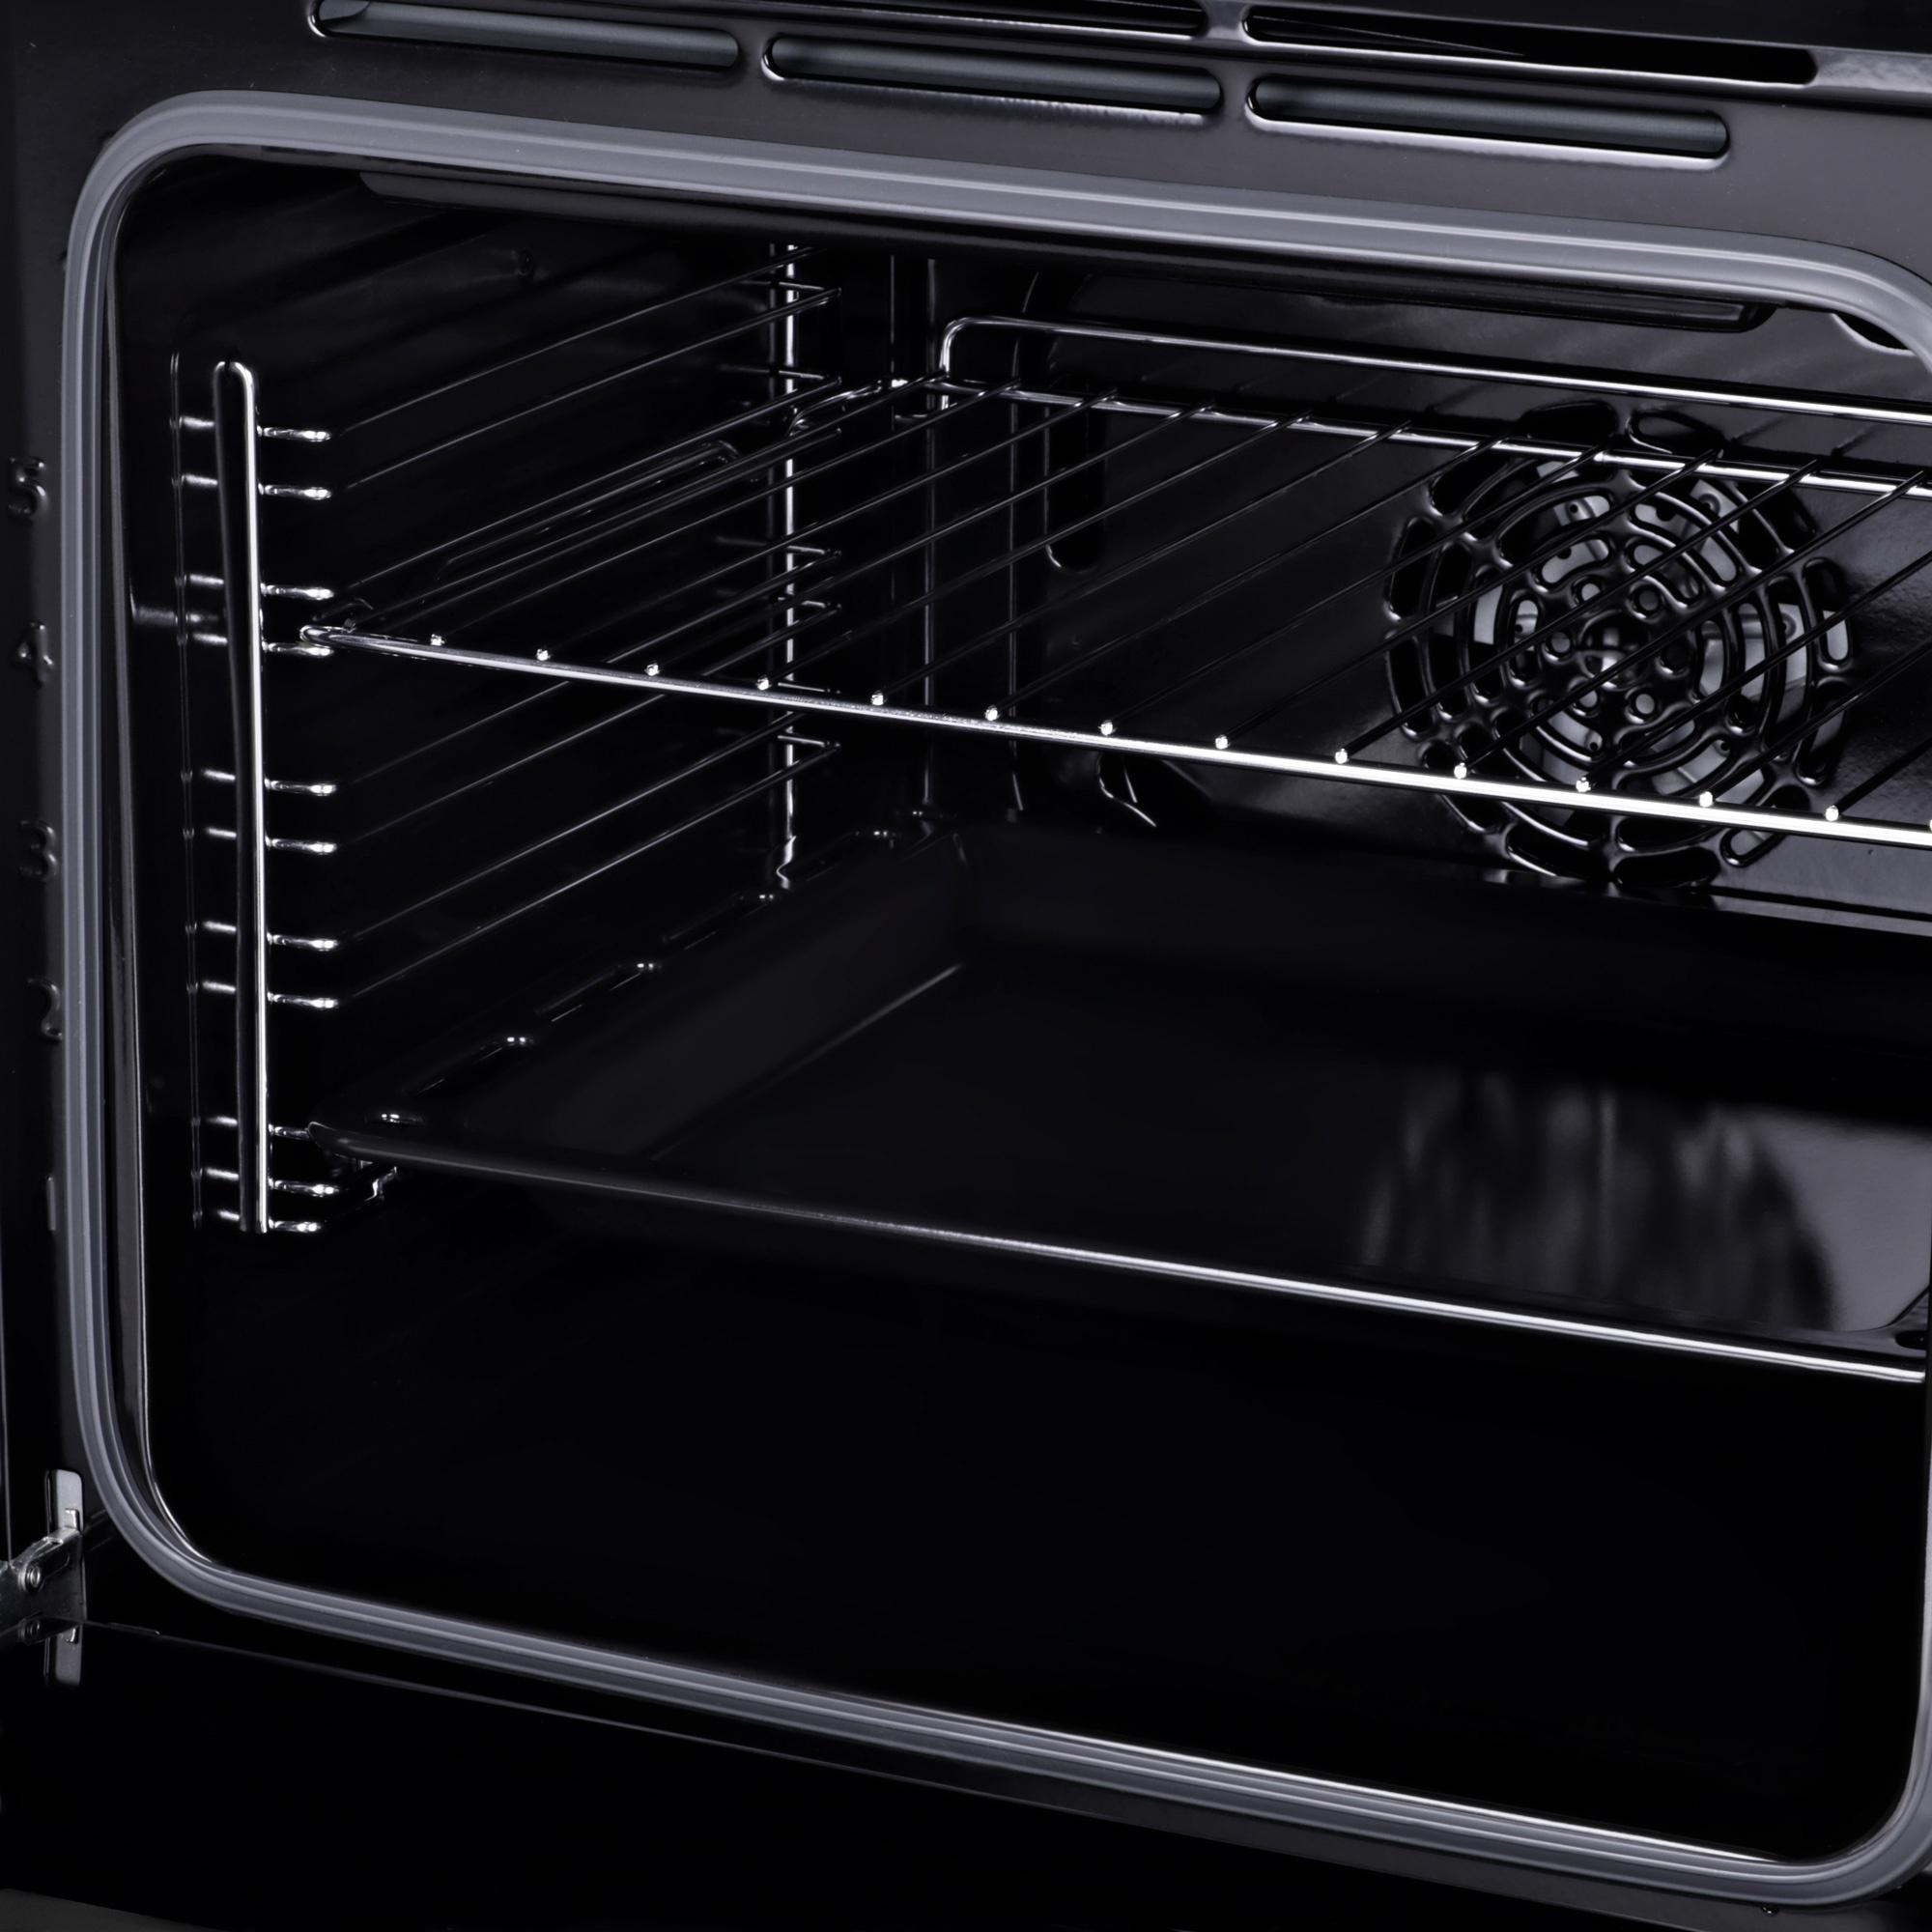 Духовой шкаф Электрический Hyundai HEO 6640 BG черный